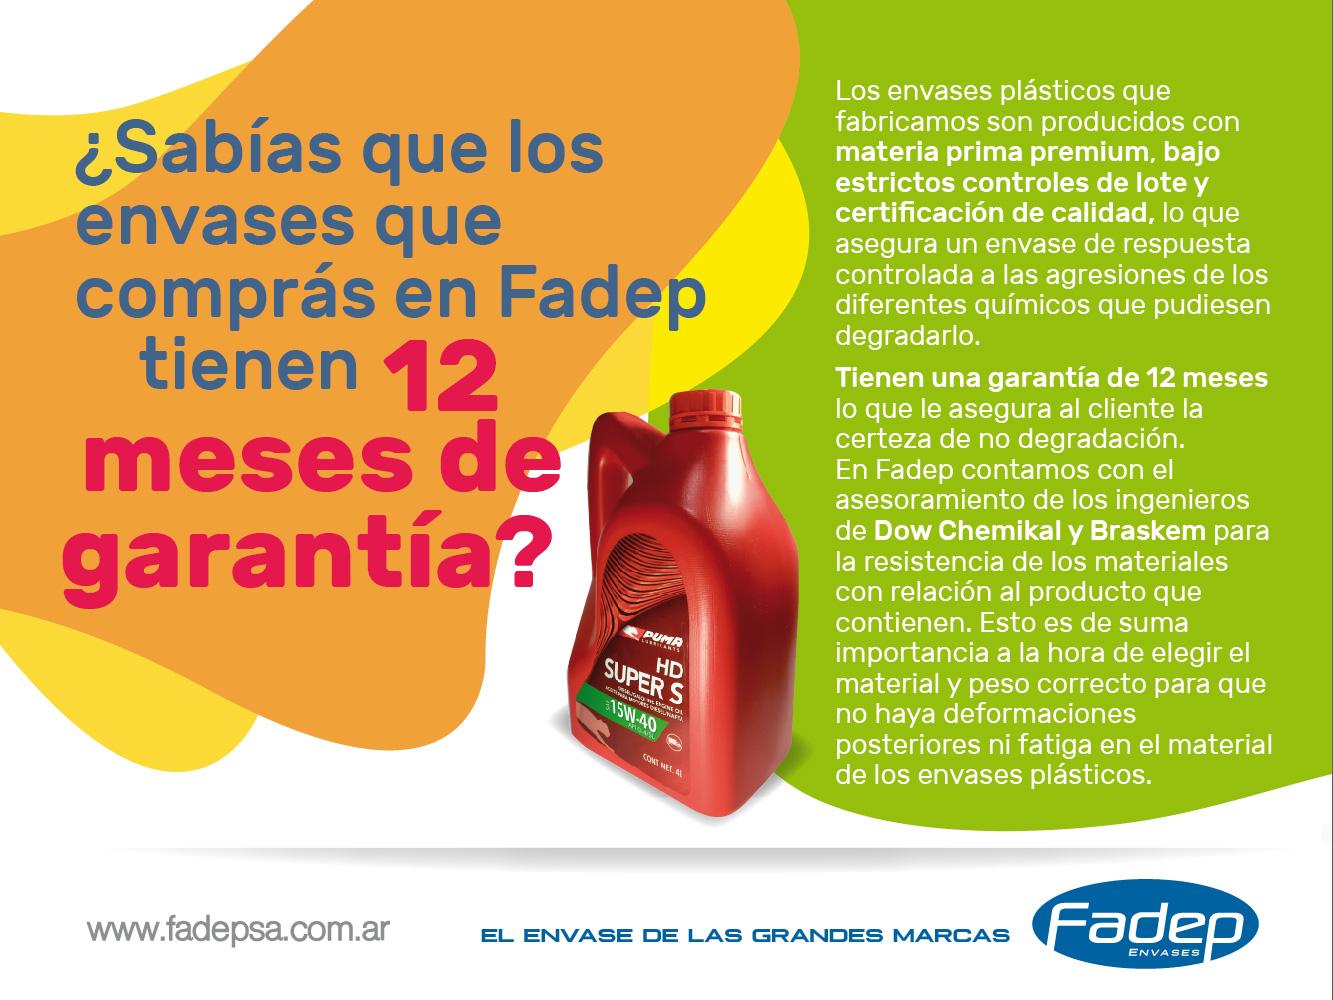 LOS ENVASES FADEP TIENEN 12 MESES DE GARANTIA